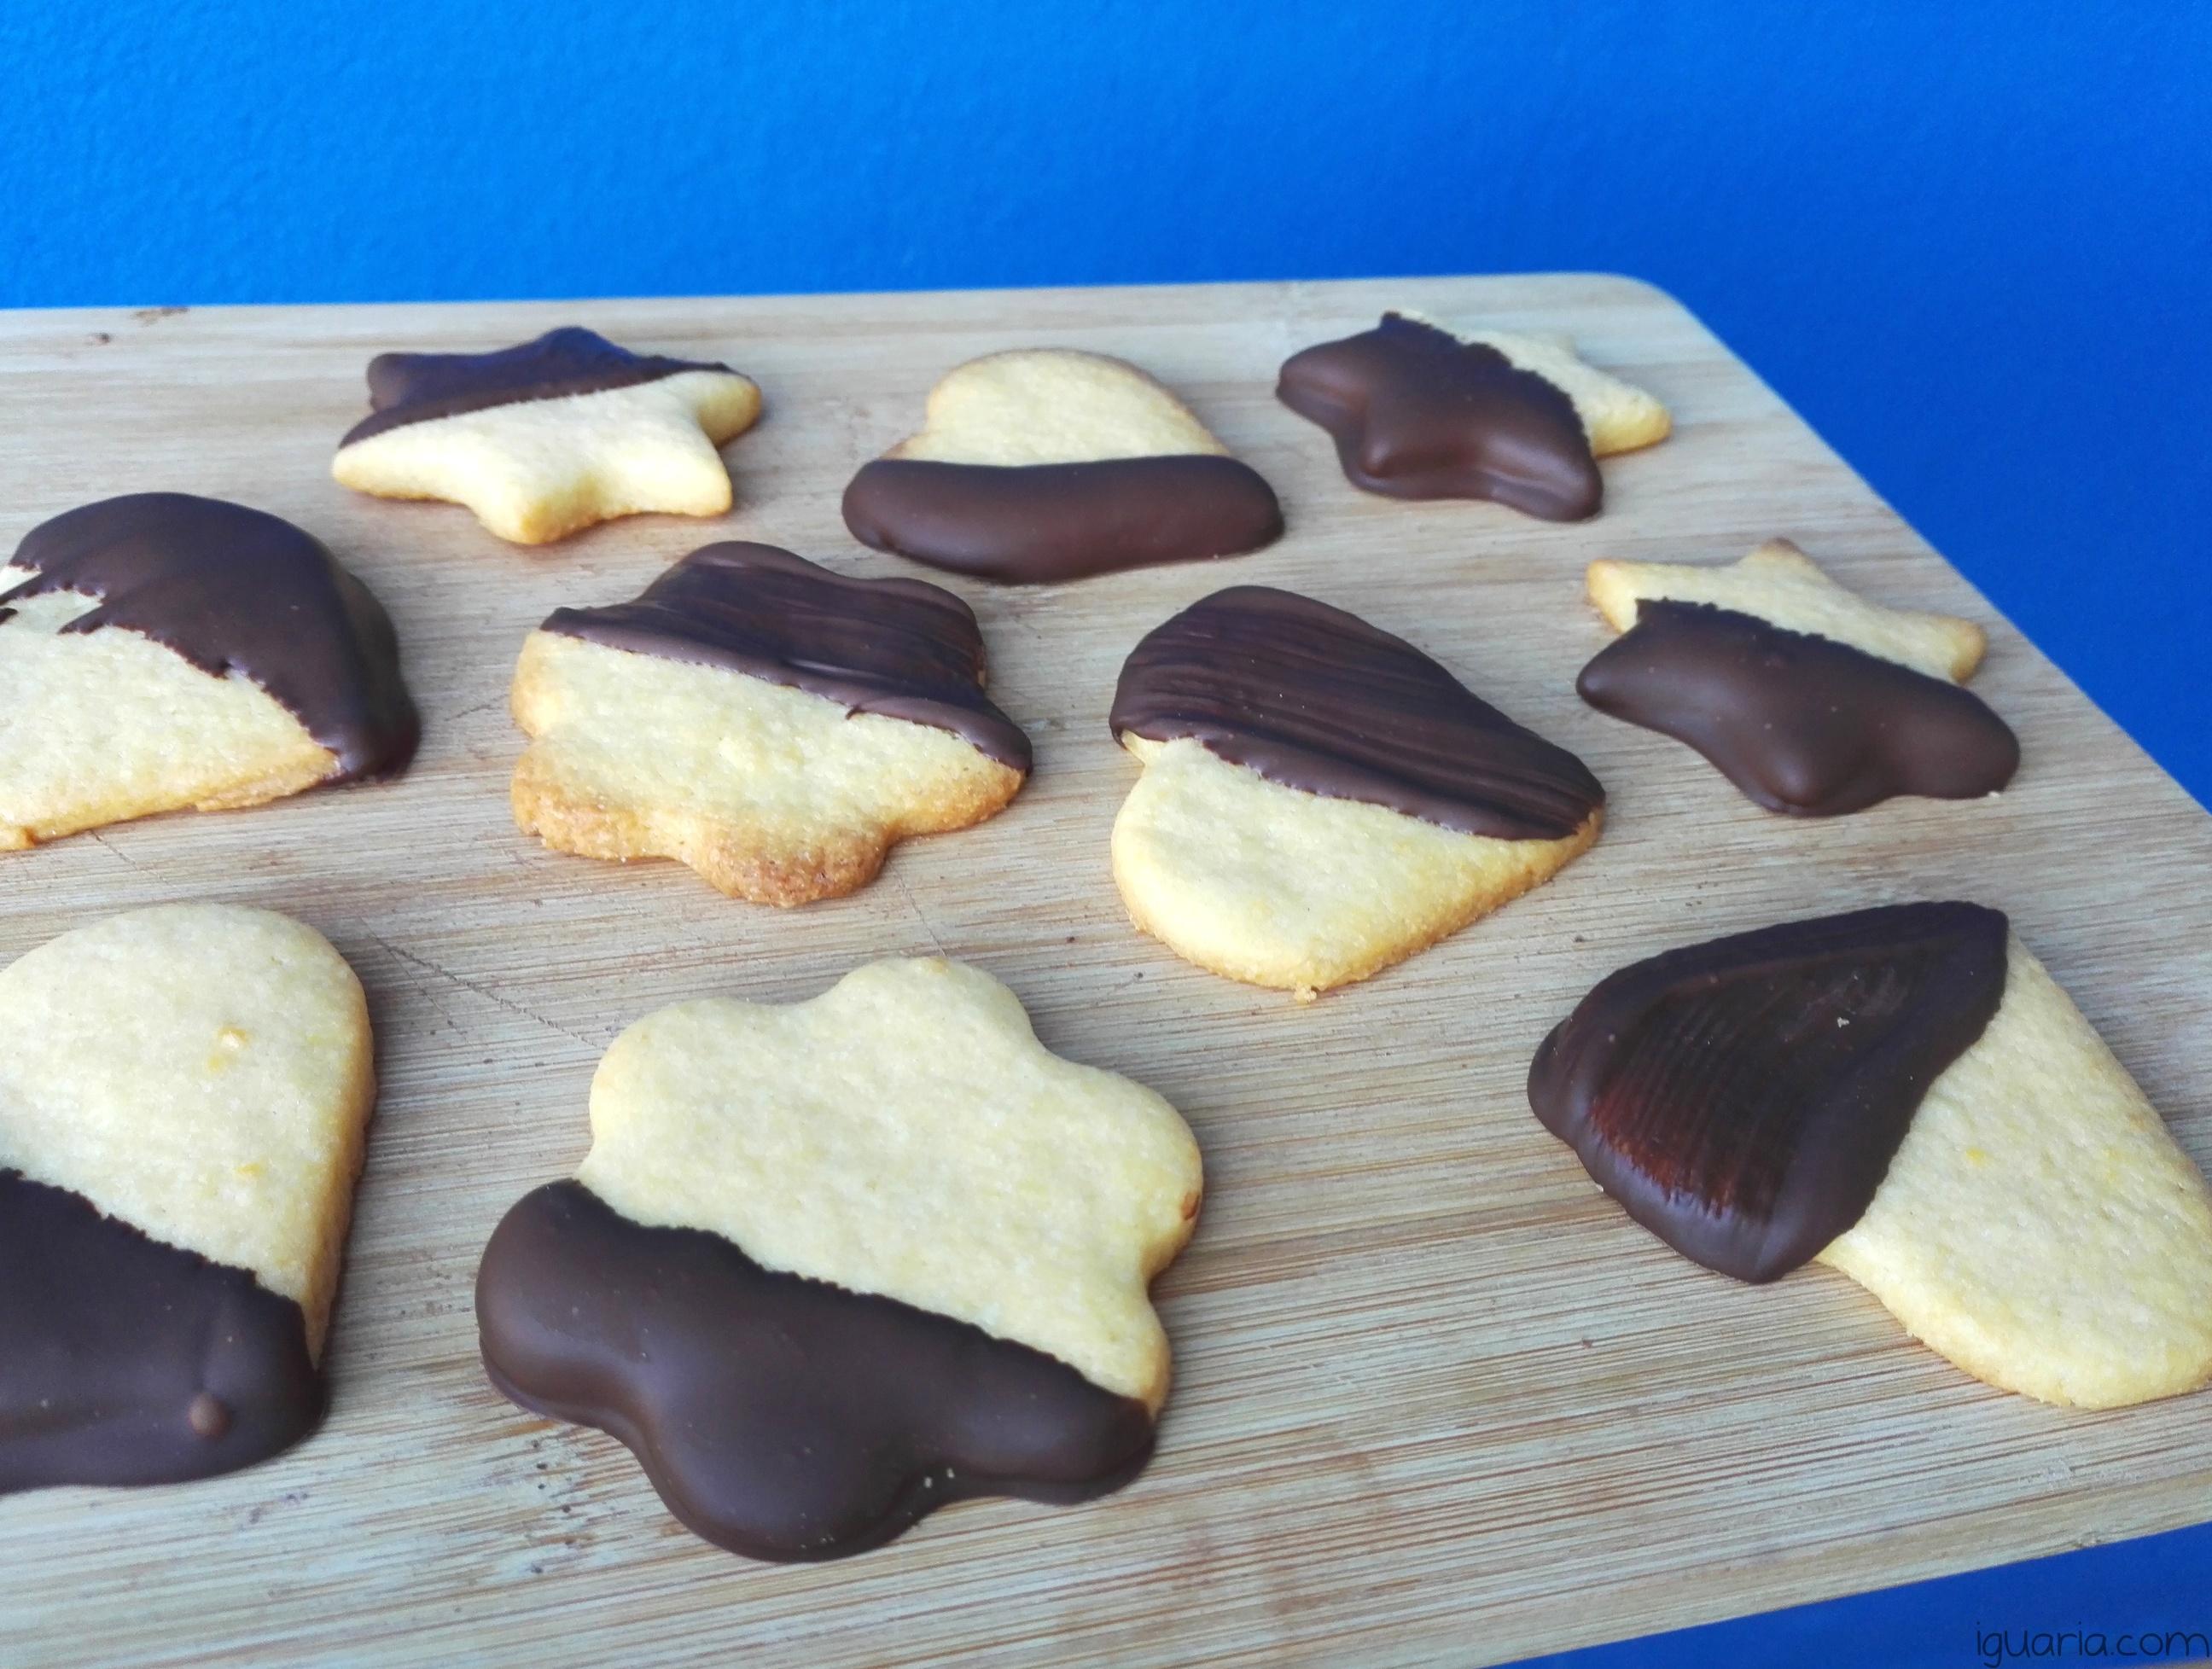 iguaria-os-melhores-tipos-de-biscoitos